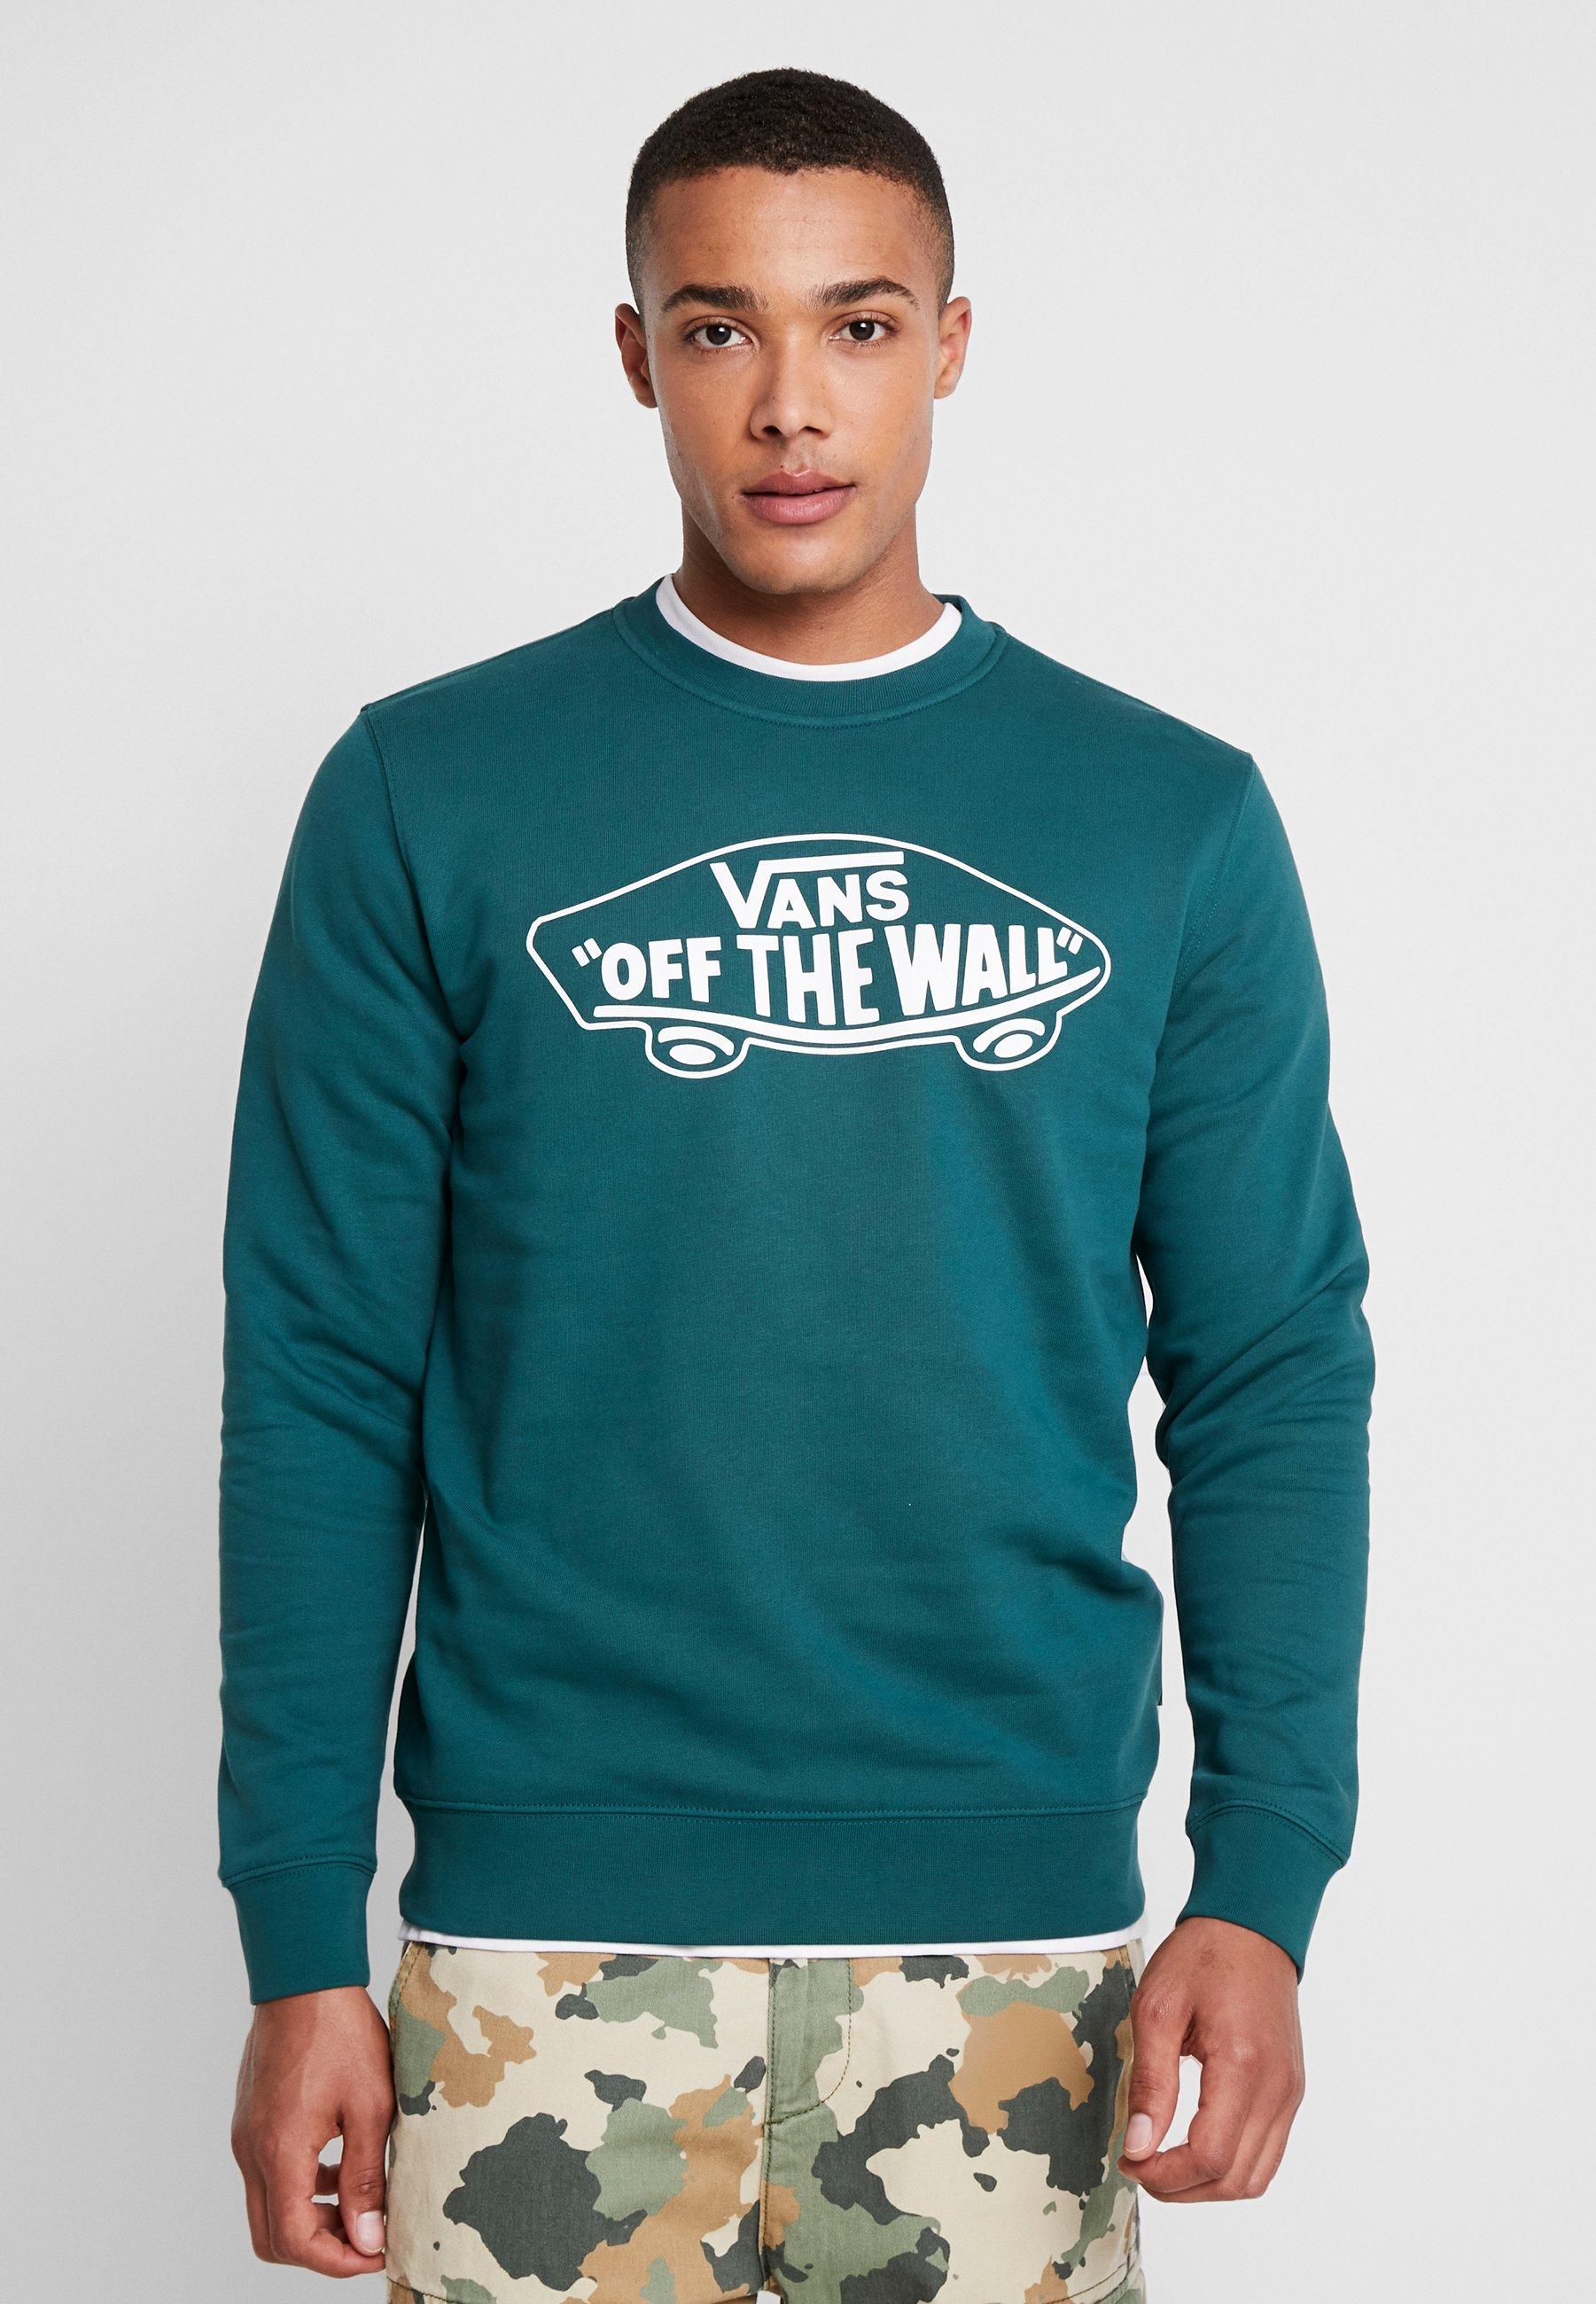 Green CrewSweatshirt Vans Vans CrewSweatshirt Dark Green Dark CrewSweatshirt Vans SVqUGzpLM